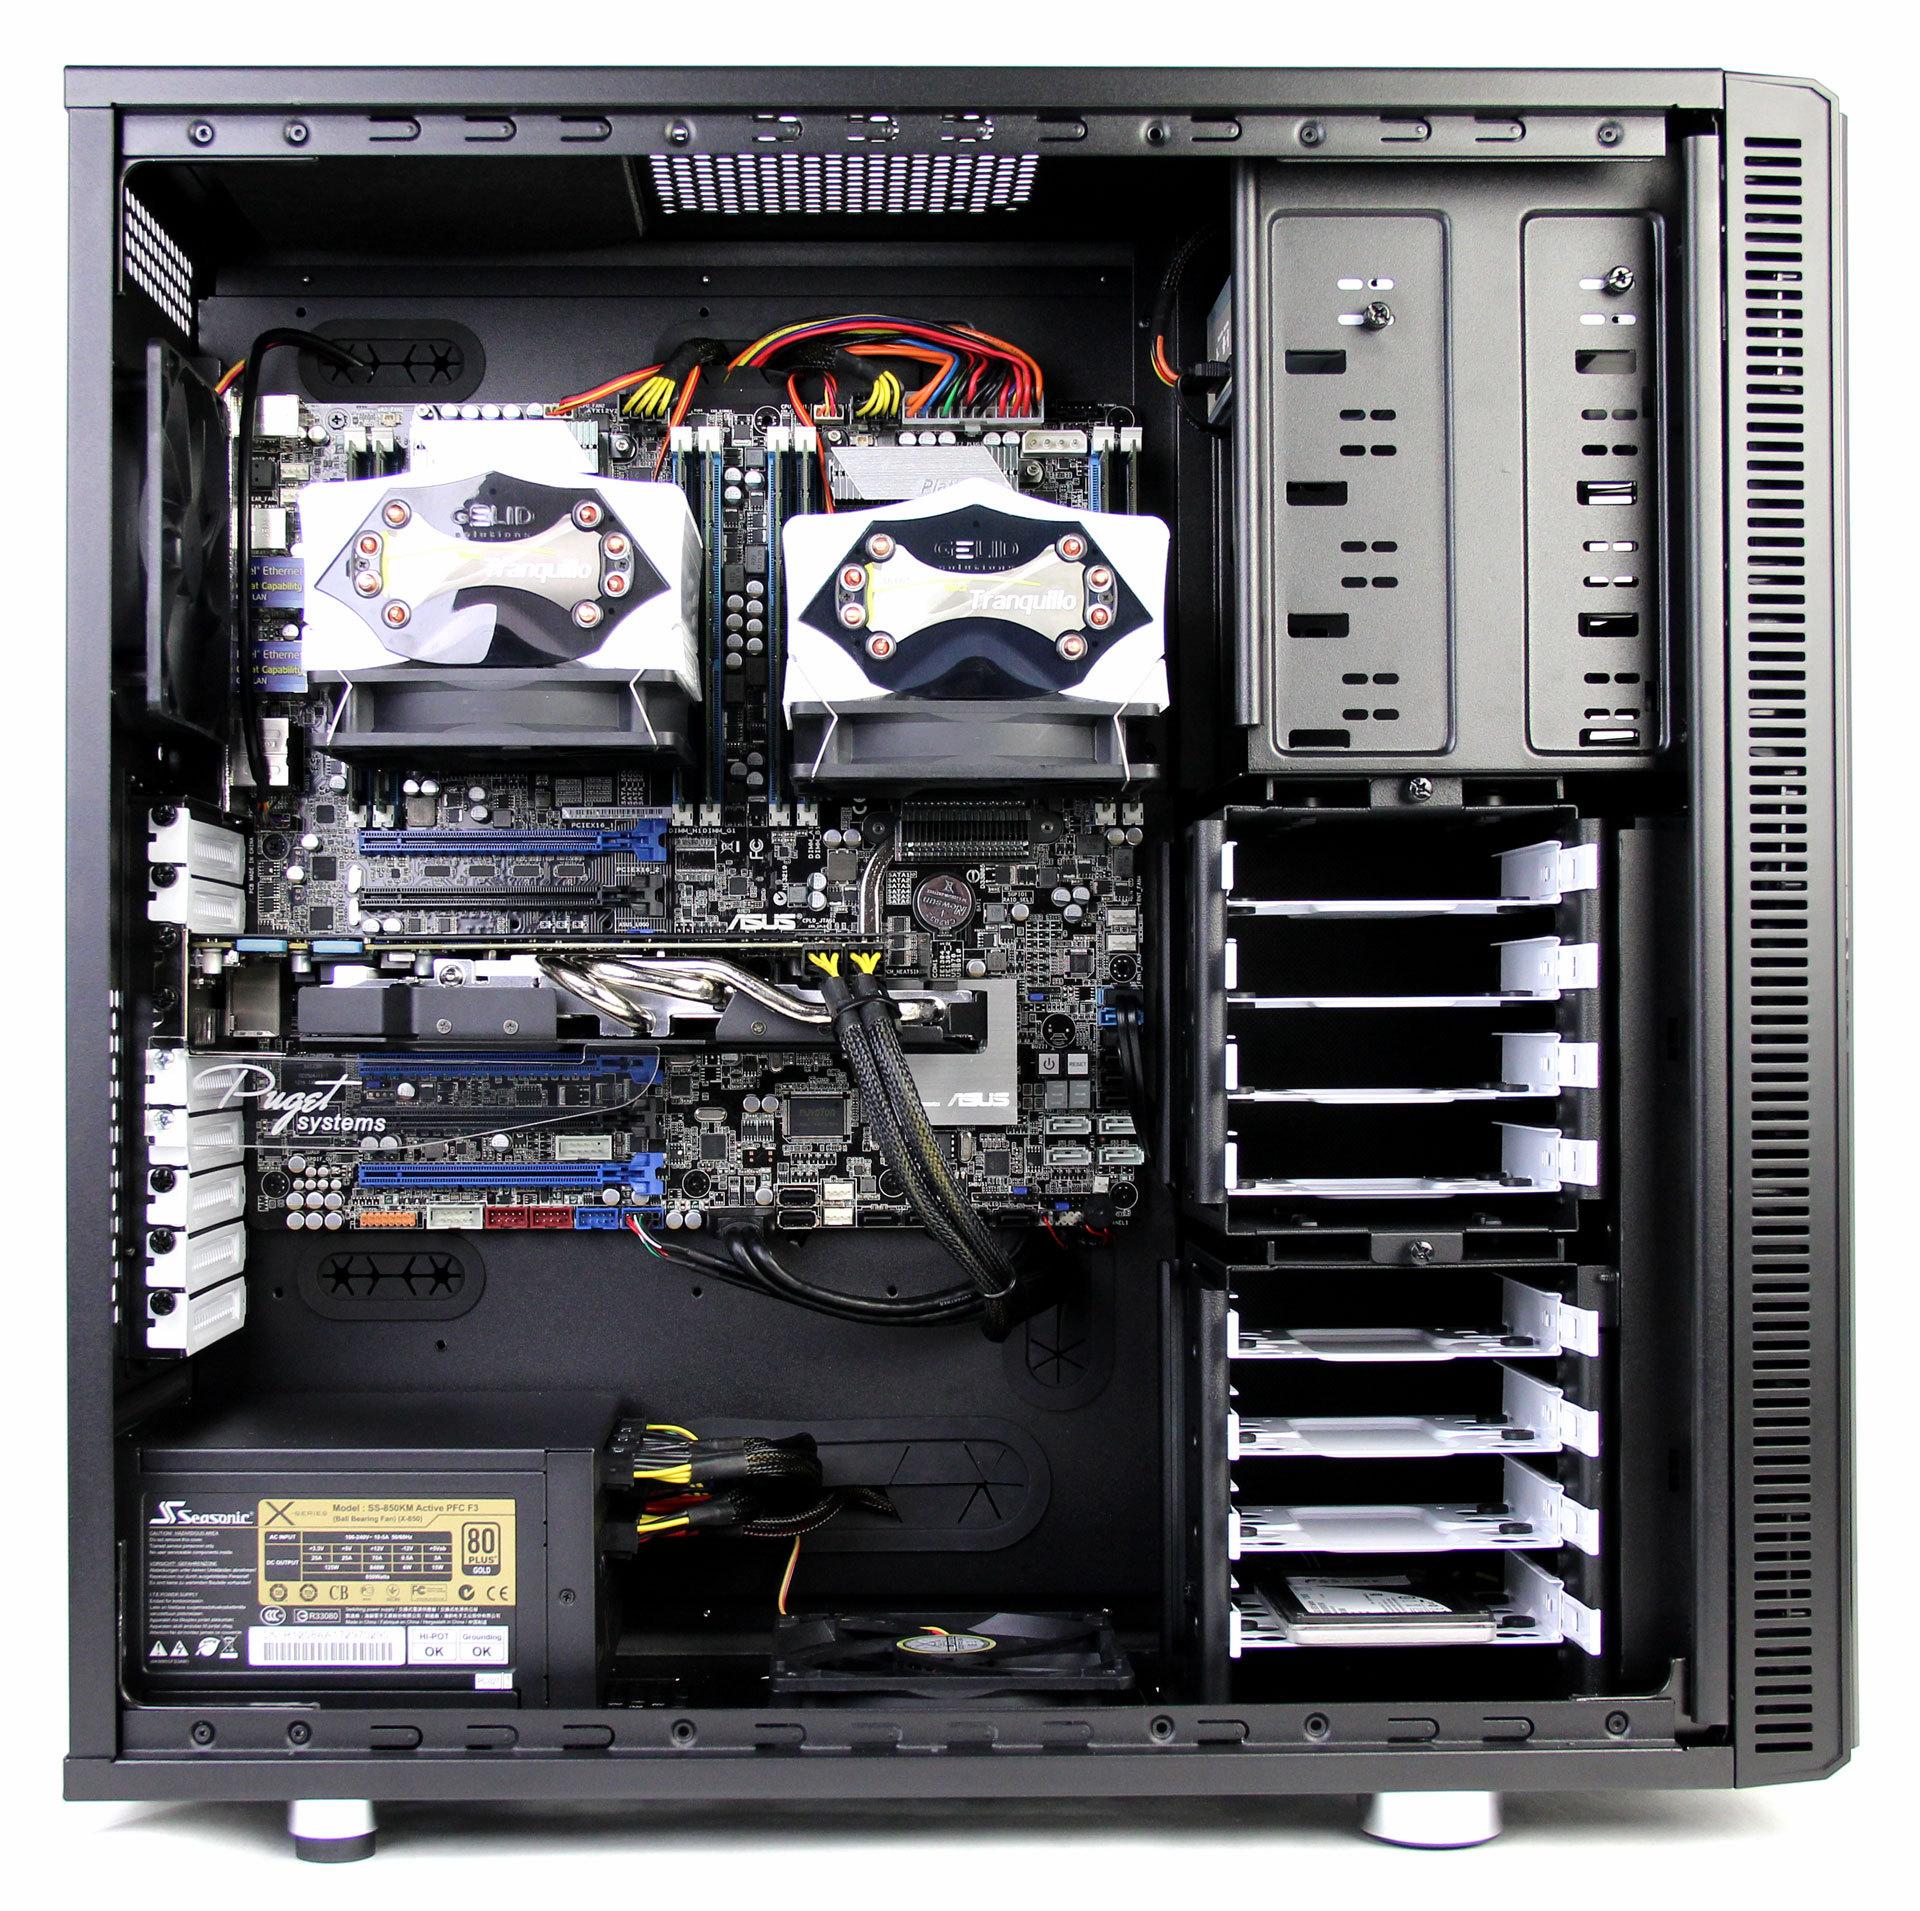 Fractal Design Define XL R2 Air Cooled System